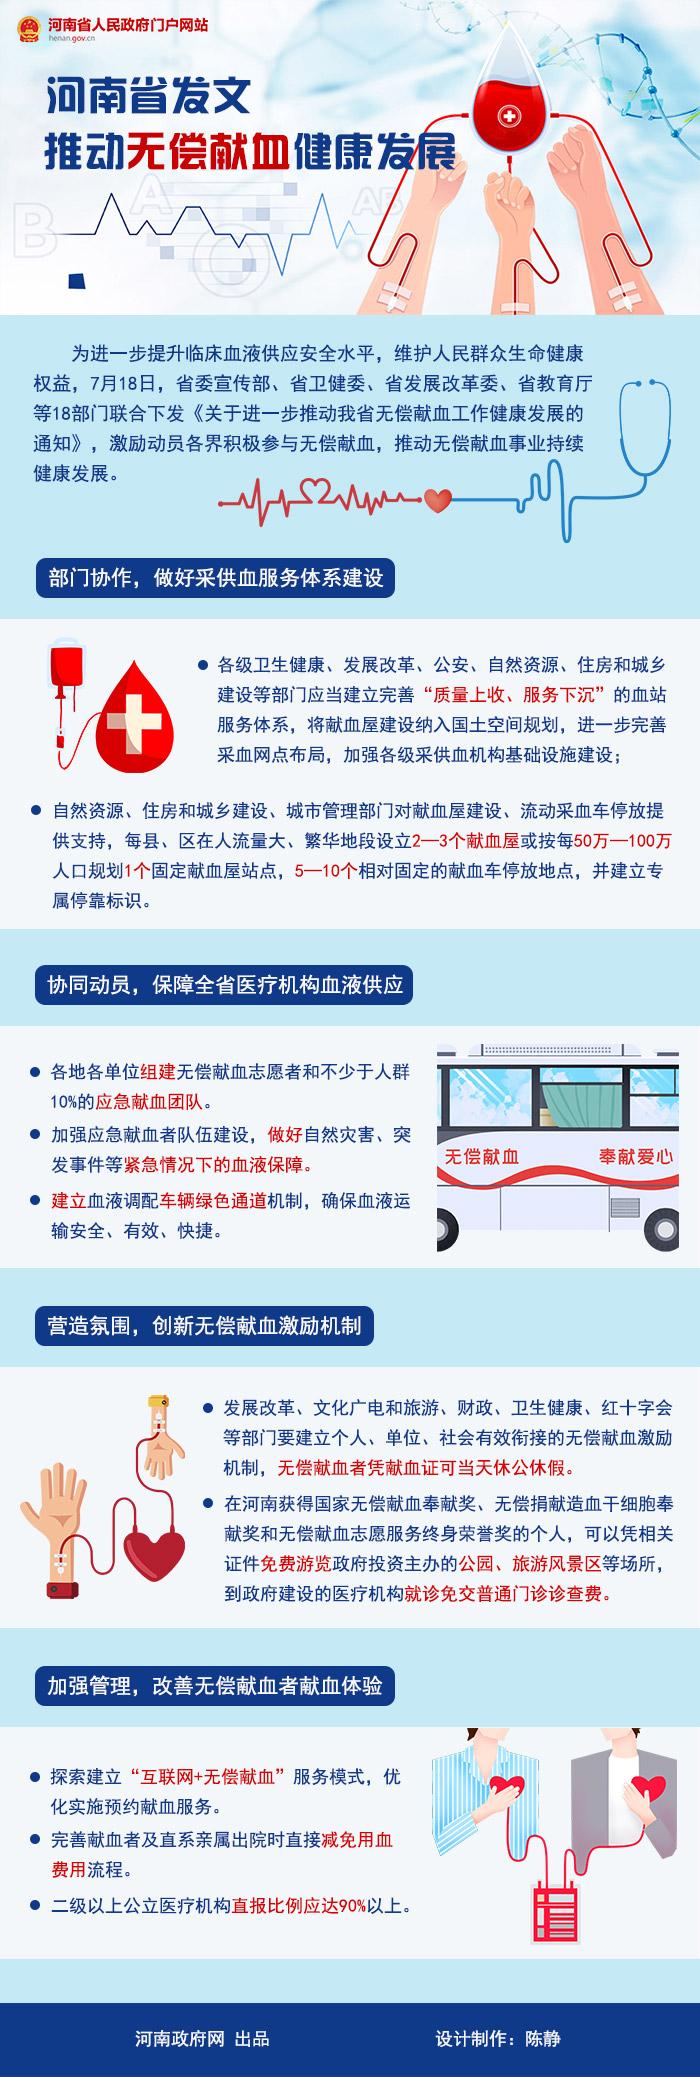 图解:河南省发文推动无偿献血健康发展